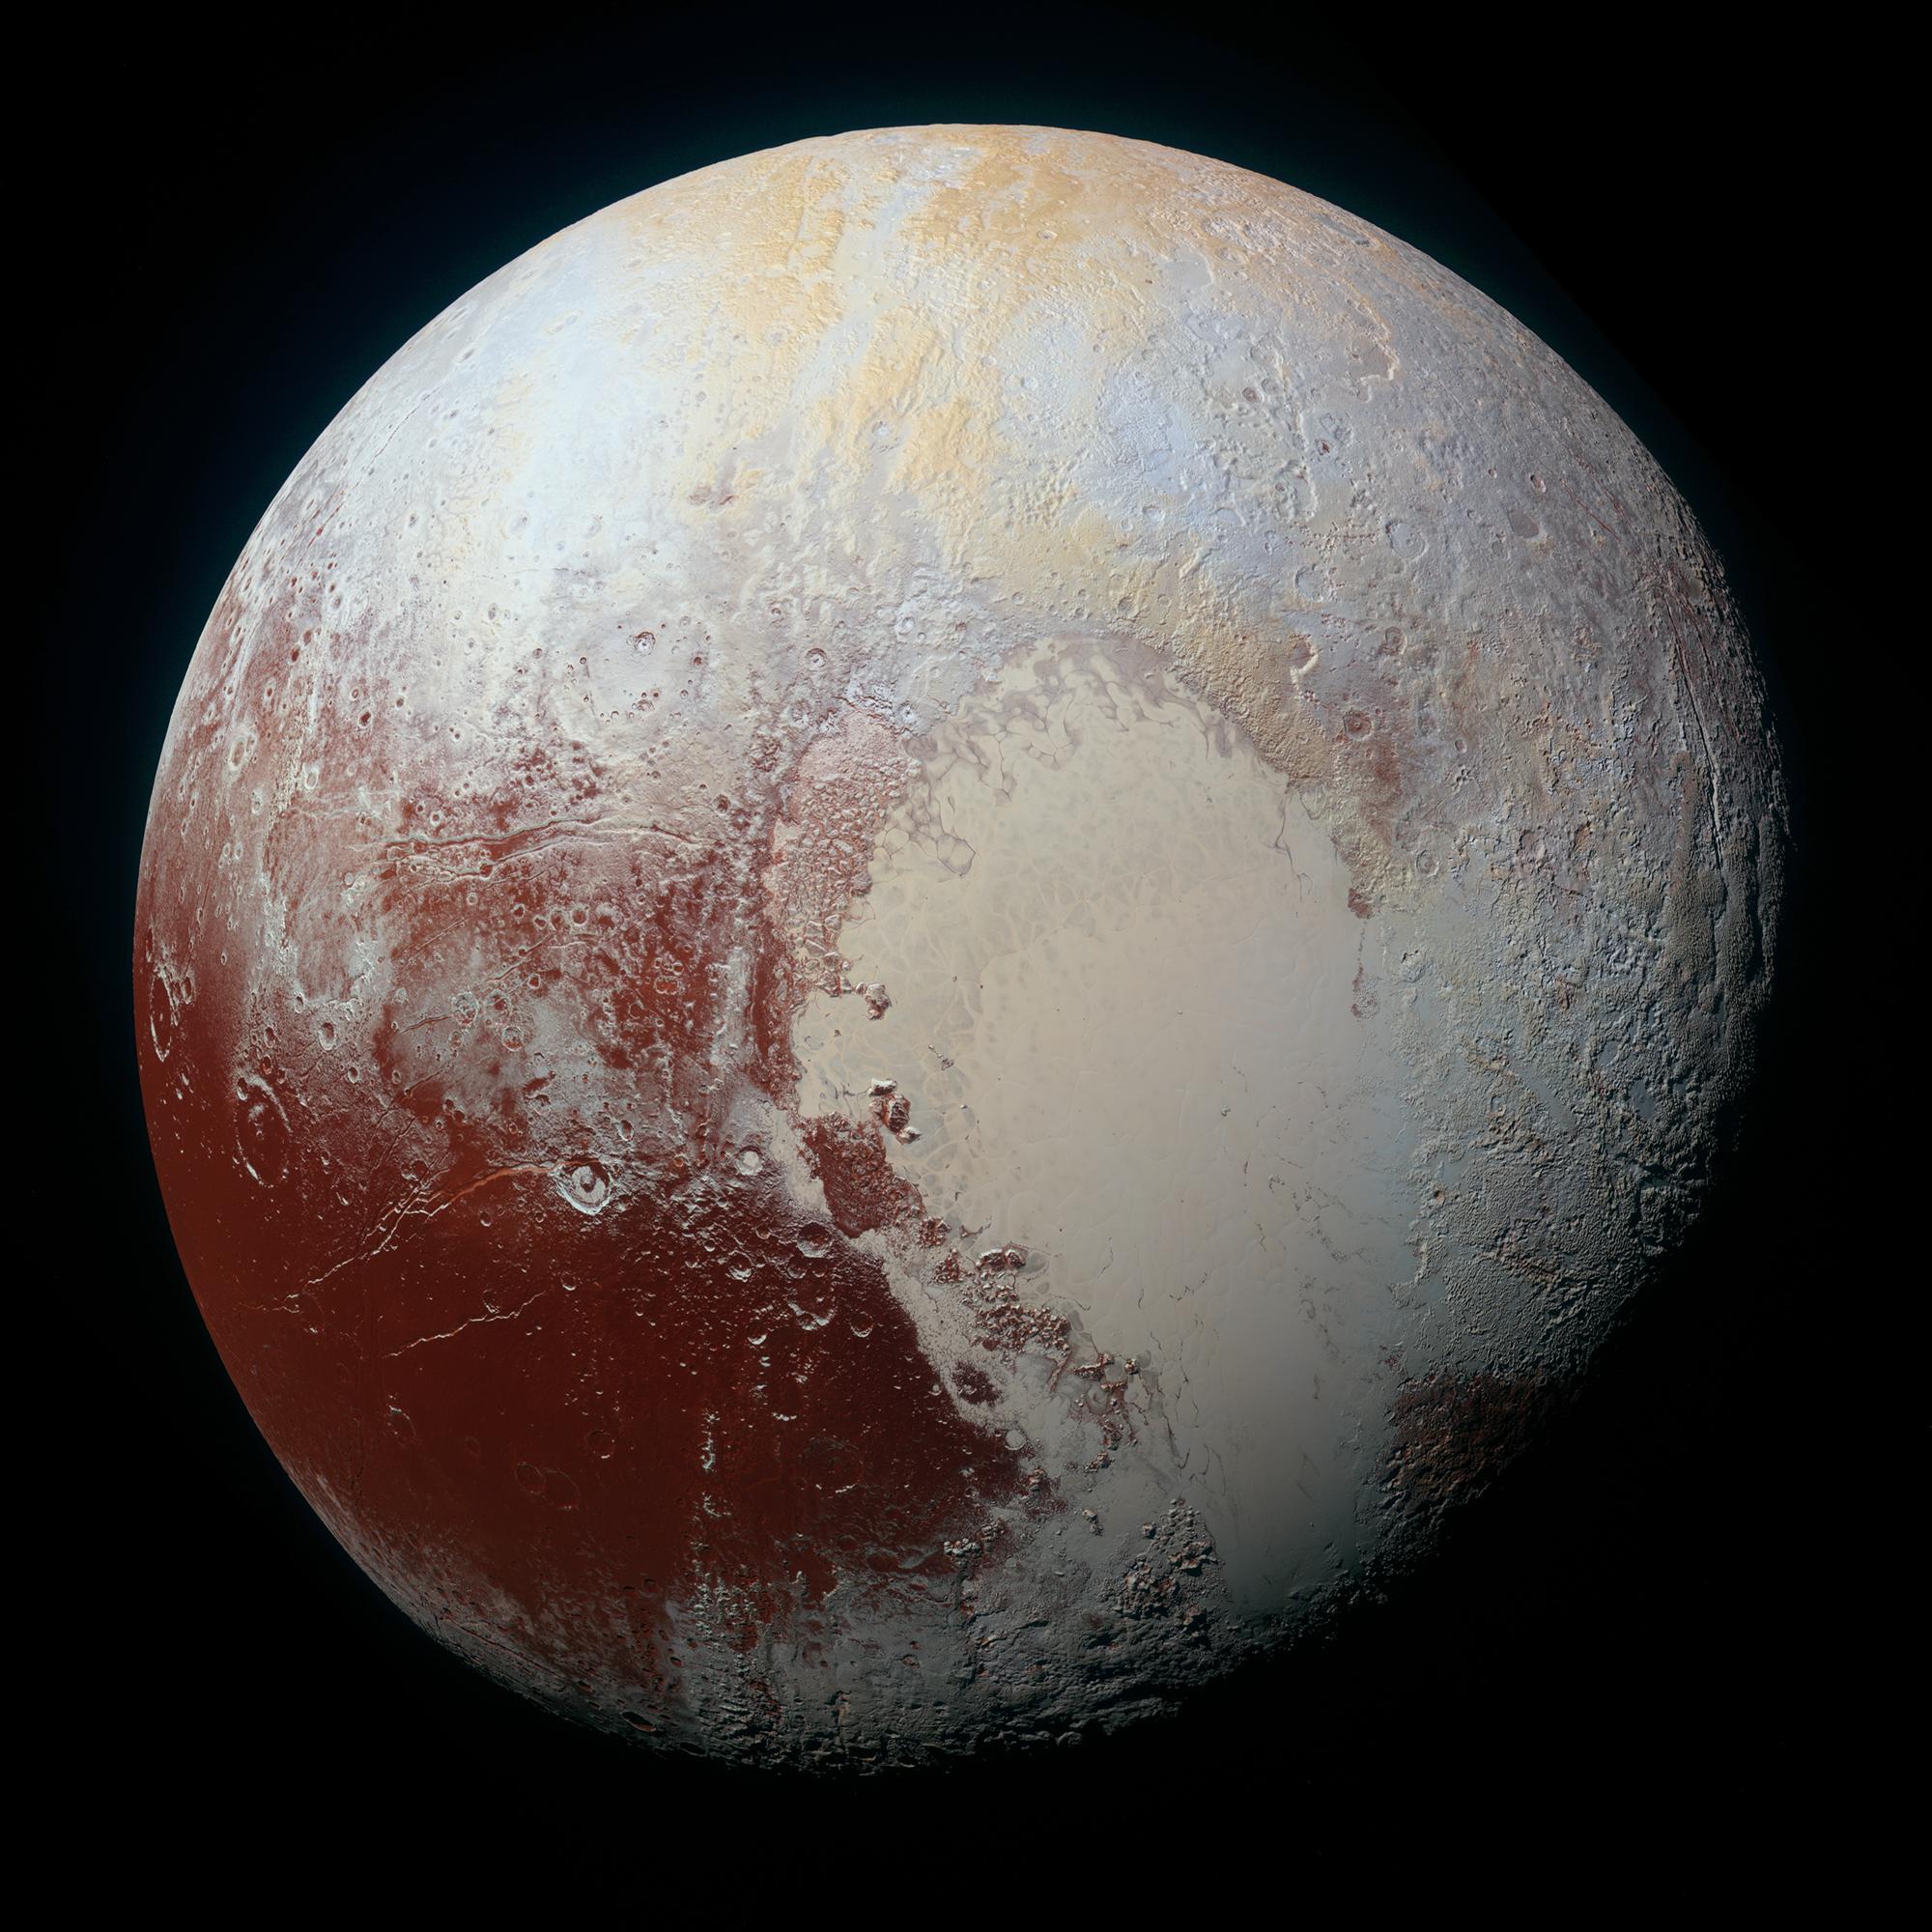 Co se ukrývá pod povrchem Pluta? Mohlo by jít o vrstvu materiálu podobného asfaltu